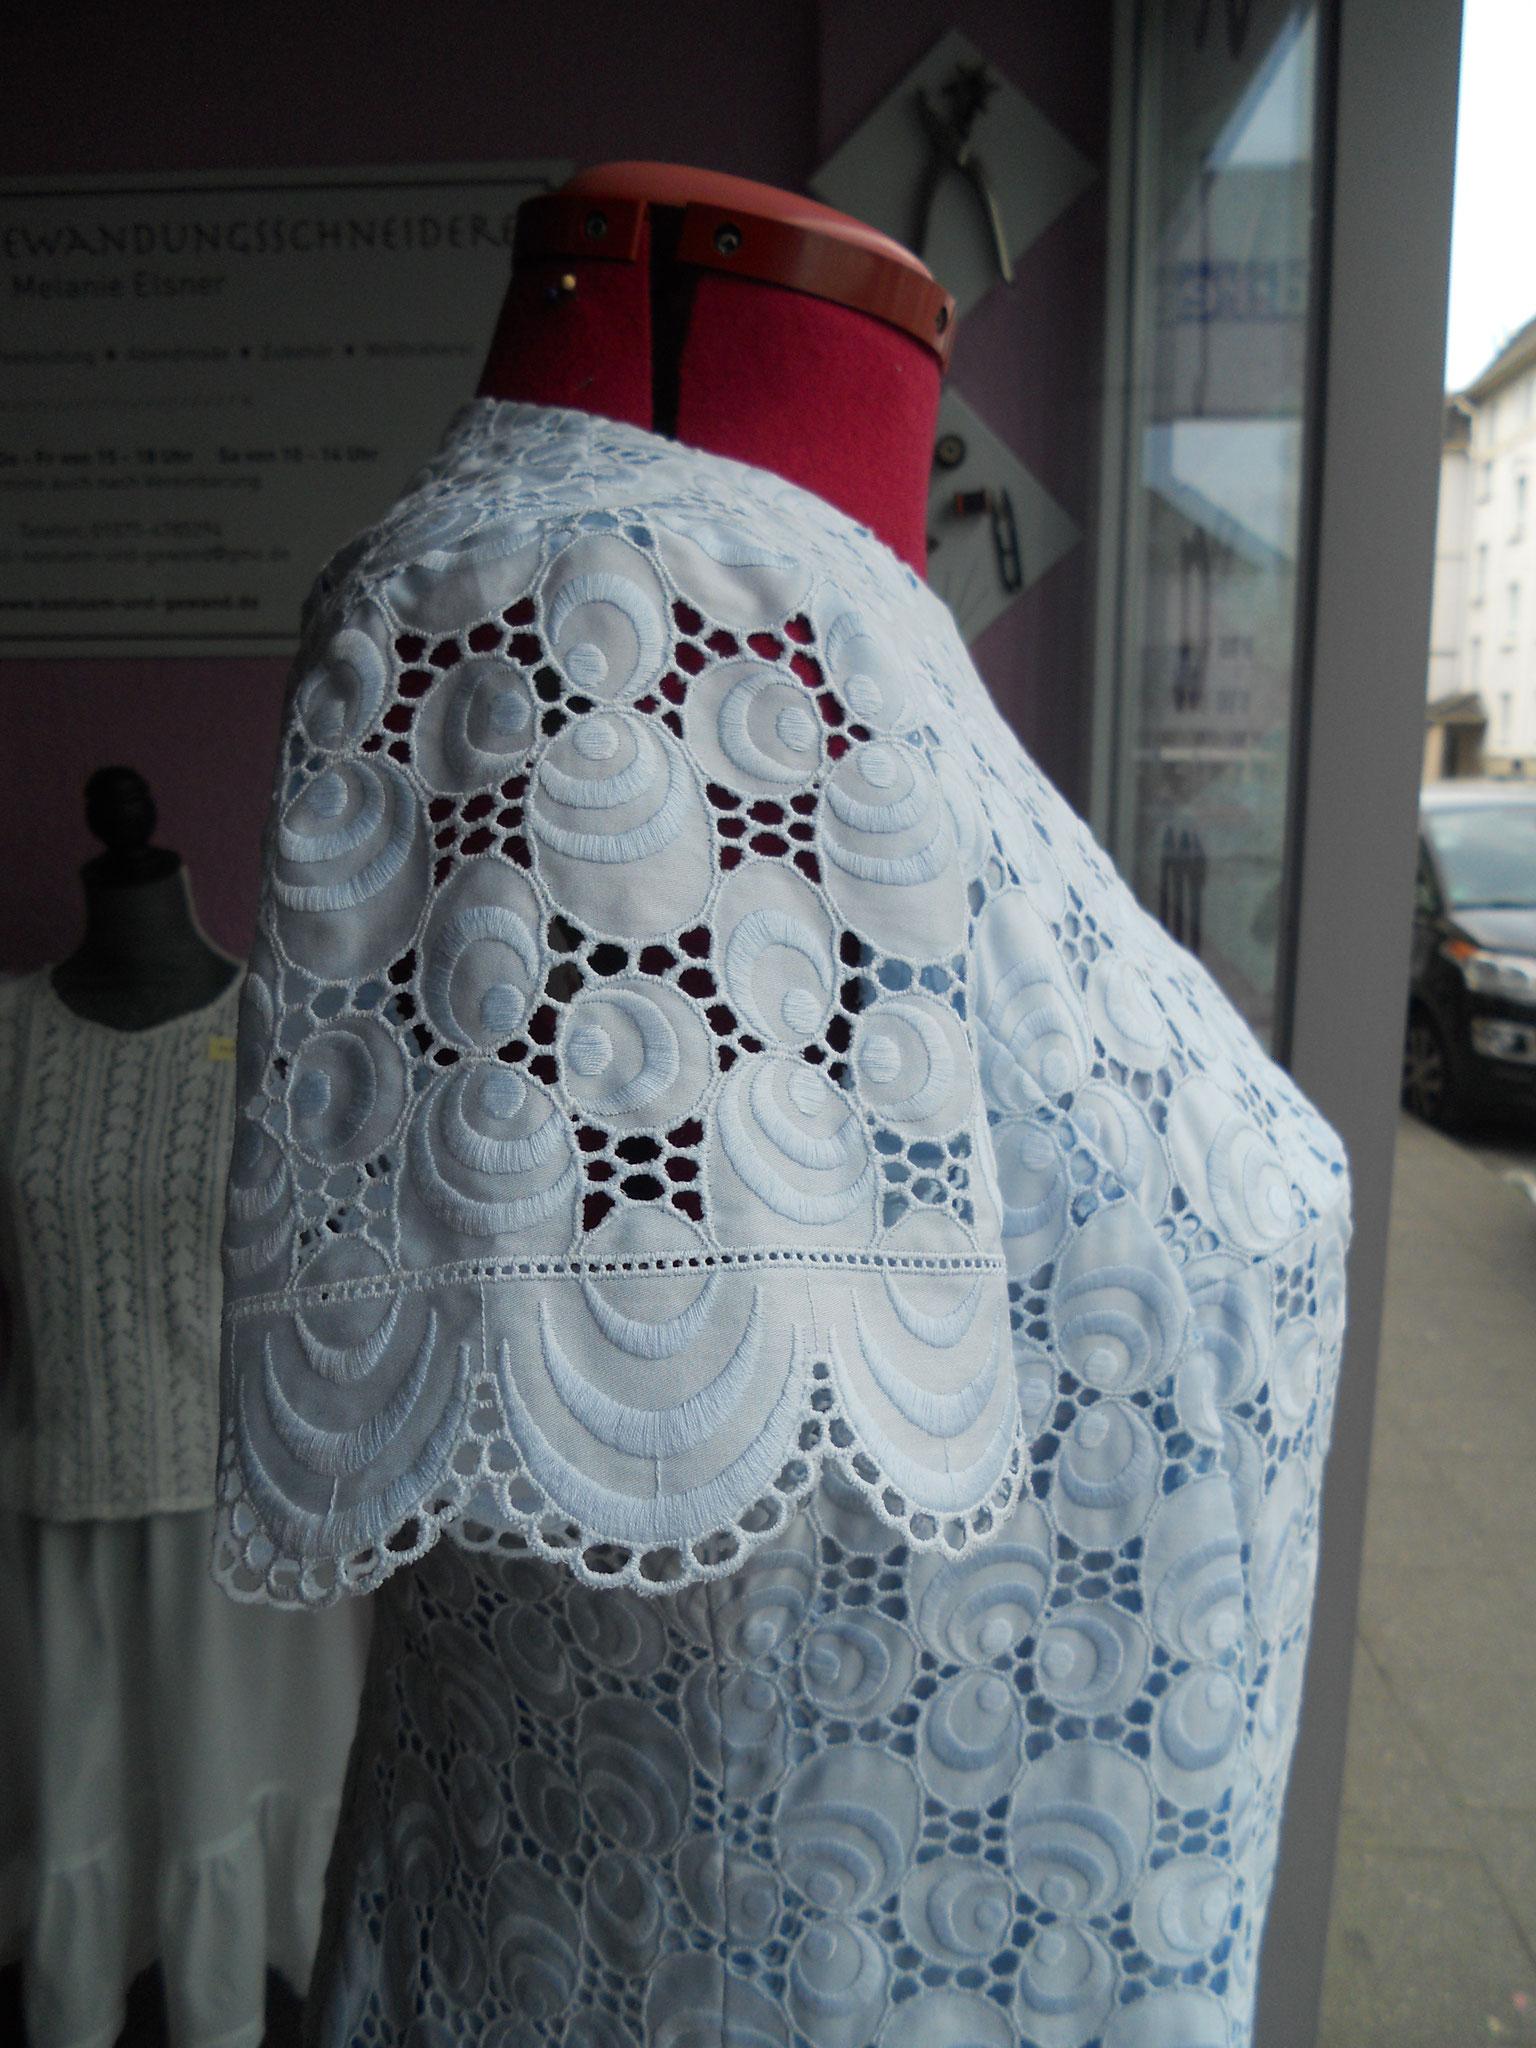 Damenkleid im 60er Jahre-Stil, Gr. 48, Detail Ärmel, Baumwollspitze, gefüttert, 70€